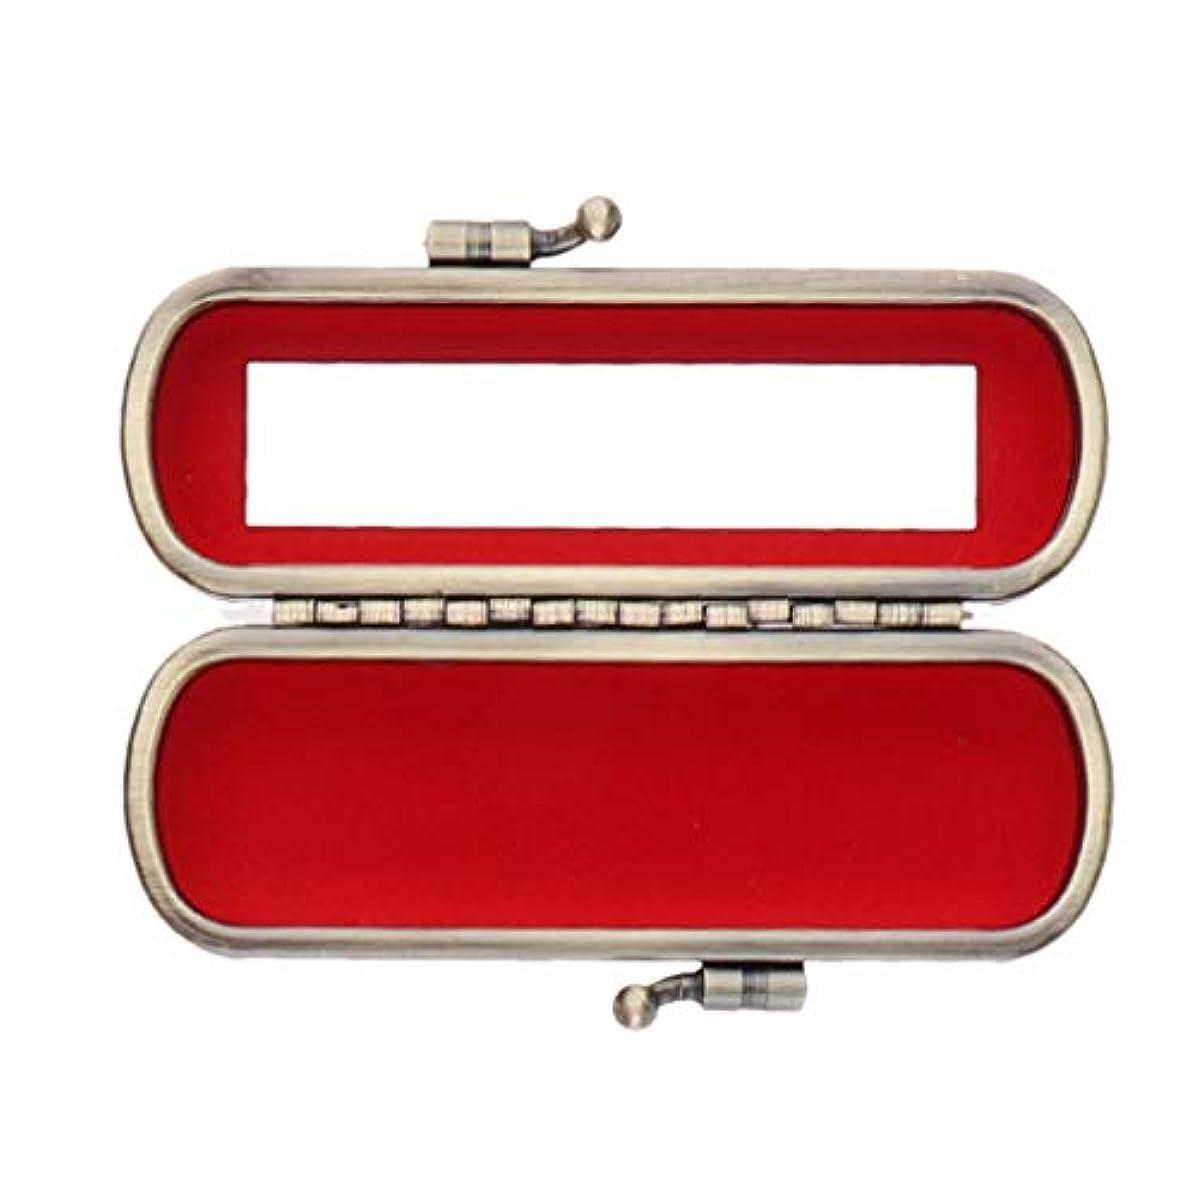 音彼自身合意CUTICATE 財布用ミラーオーガナイザーバッグ付きかわいいレザーリップスティックリップクリームケース - 赤